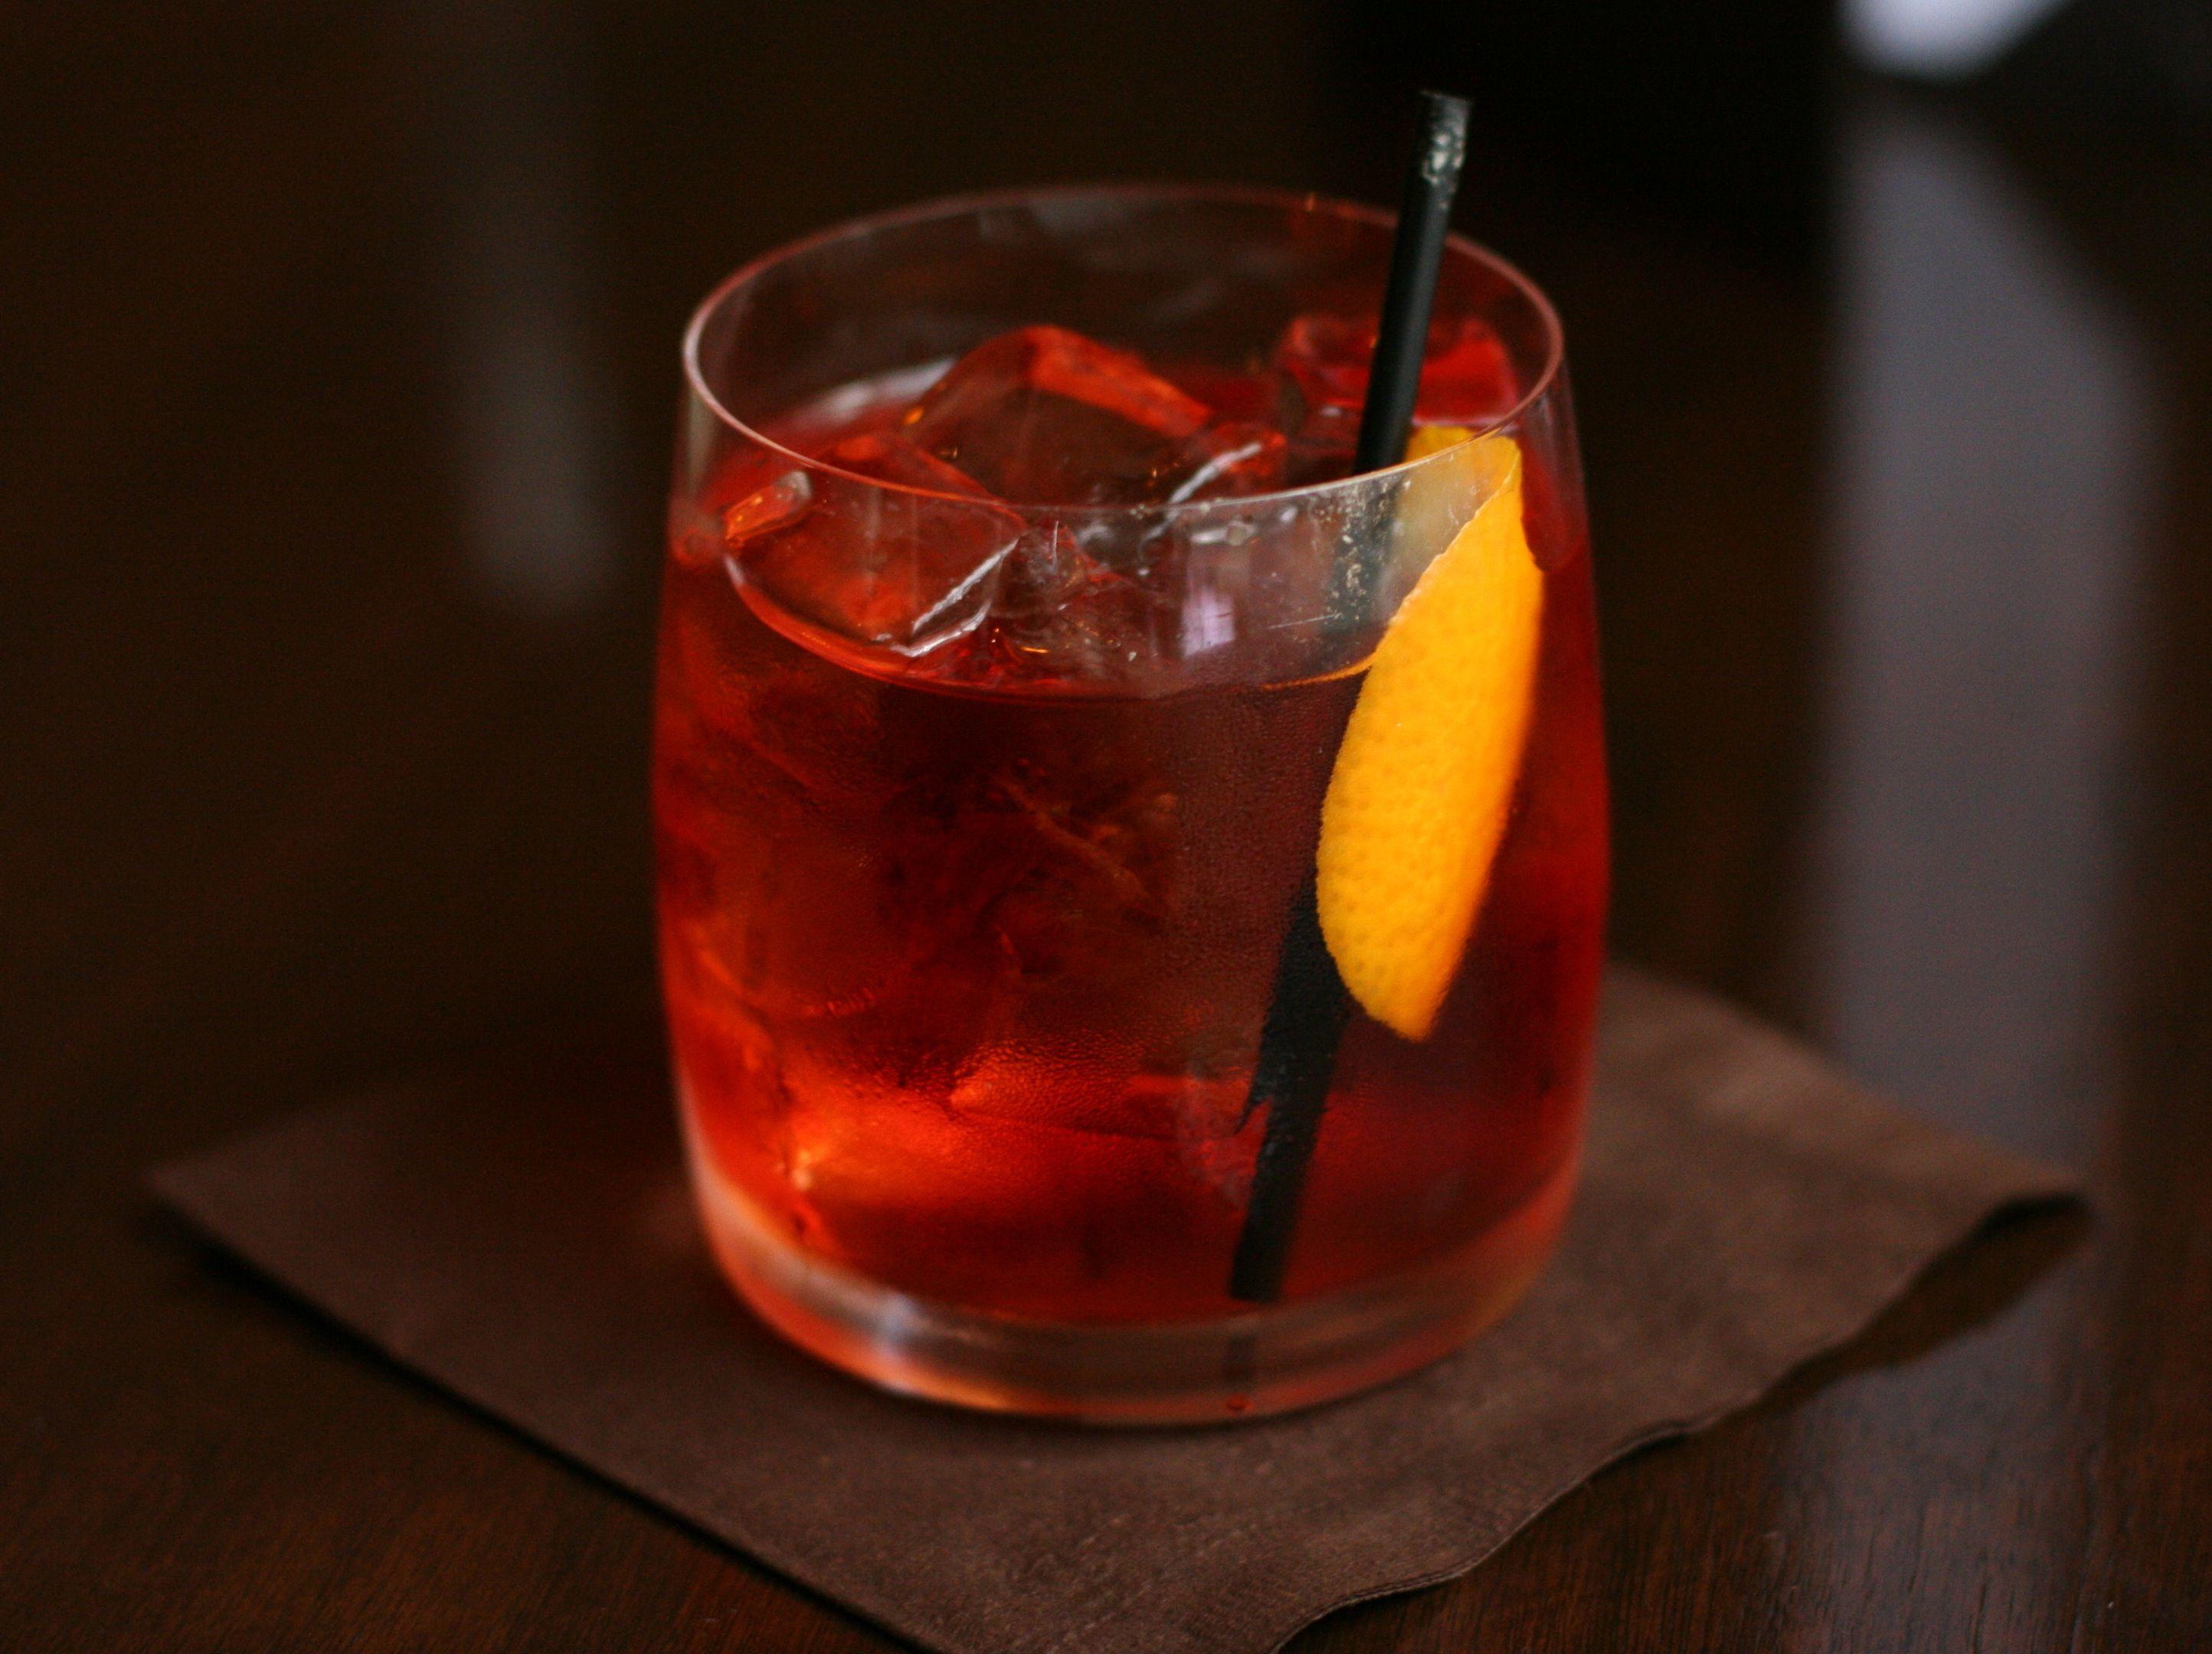 Cocktails & Drink Specials | http://www.nightlifeatx.com